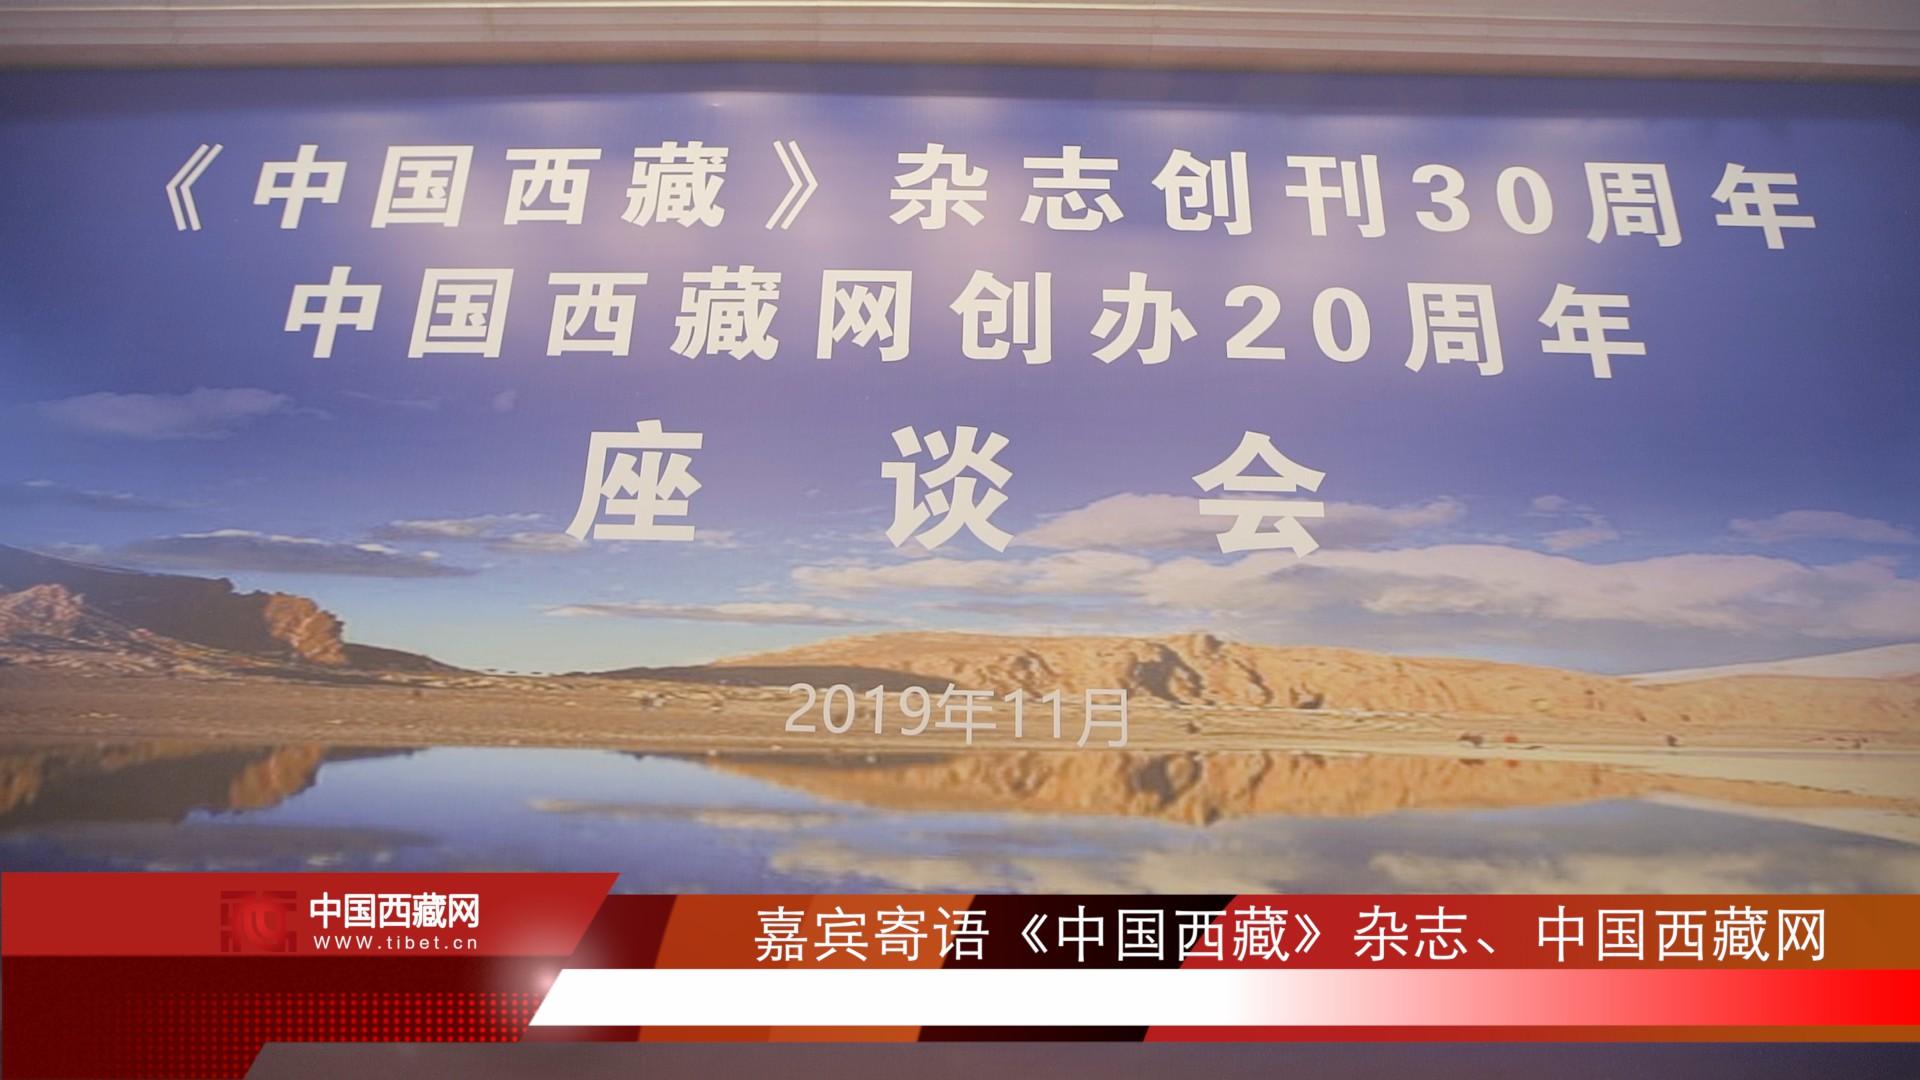 嘉宾寄语《中国西藏》杂志、中国西藏网